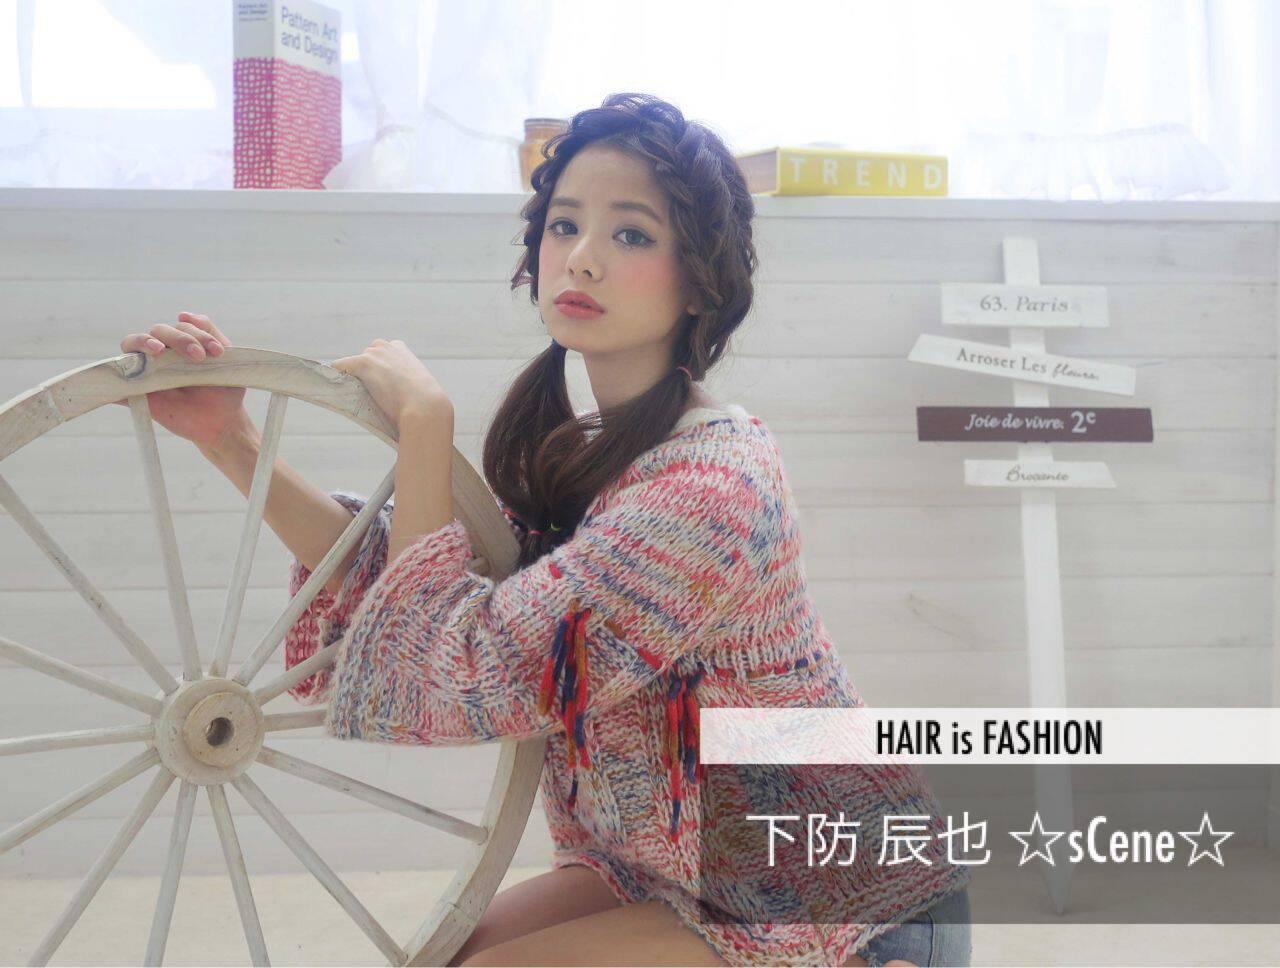 モード ウェーブ 三つ編み ヘアアレンジヘアスタイルや髪型の写真・画像